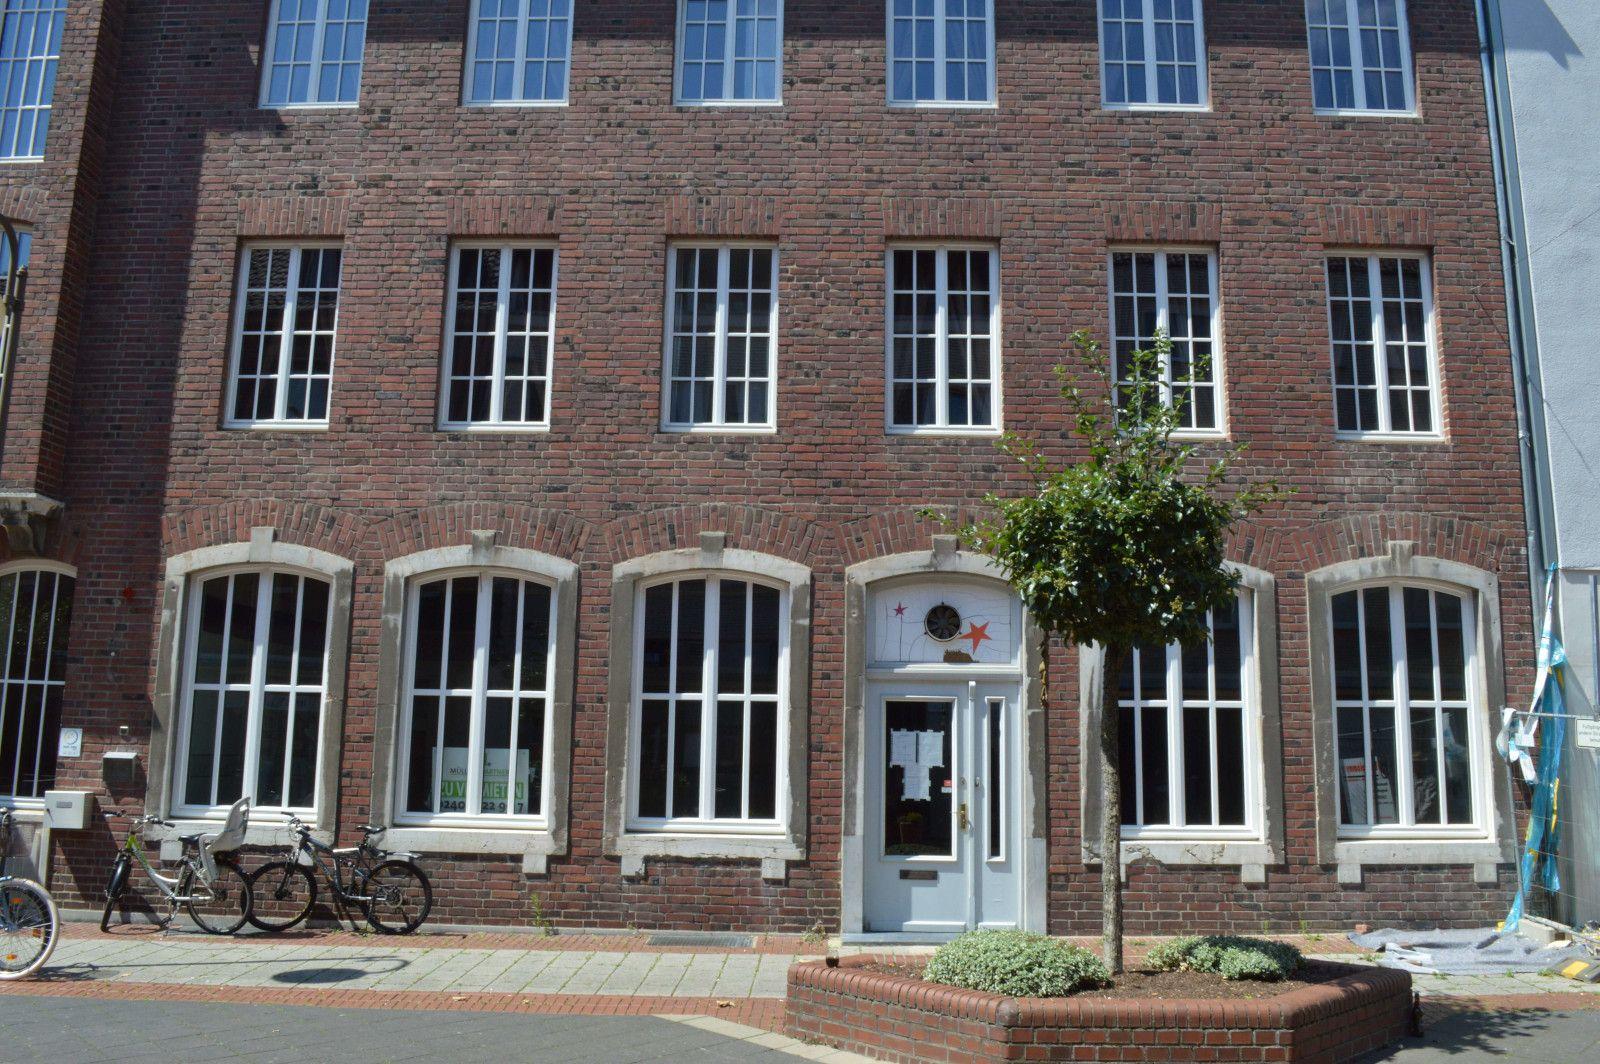 Ebenerdige Büro-/oder Ladenfläche im Zentrum von Jülich, Nähe Zitadelle